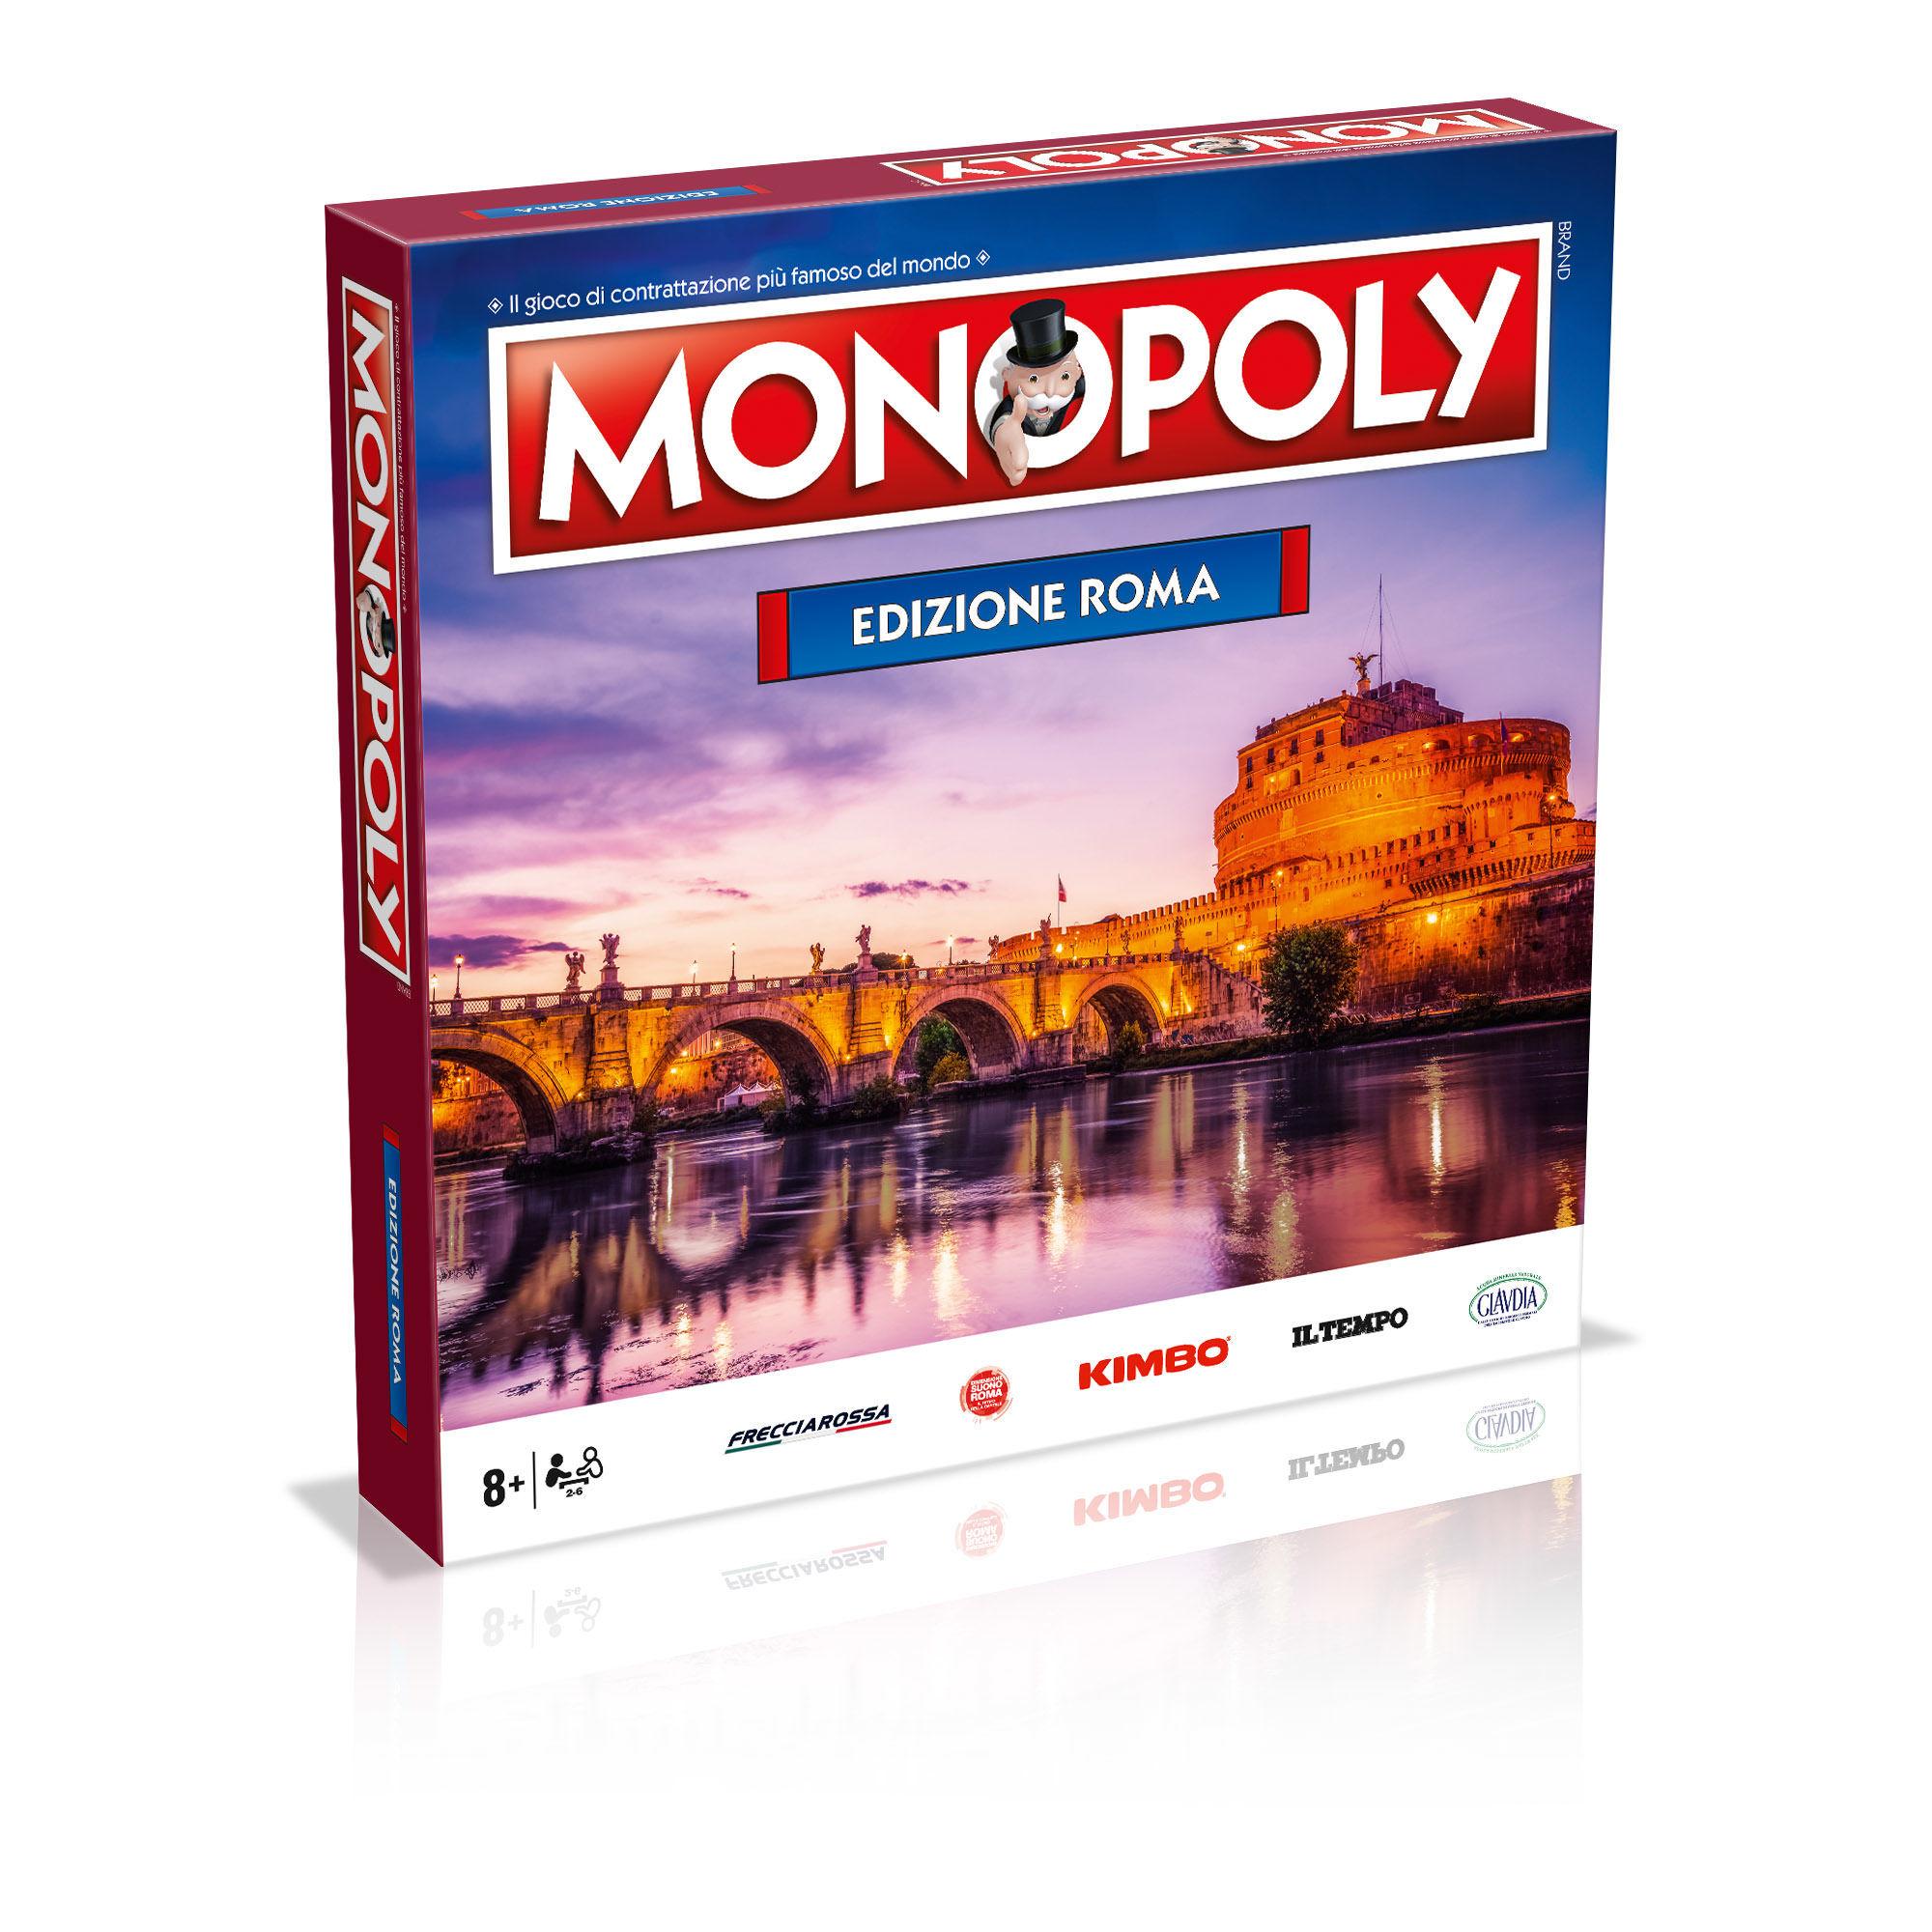 Monopoly edizione Roma